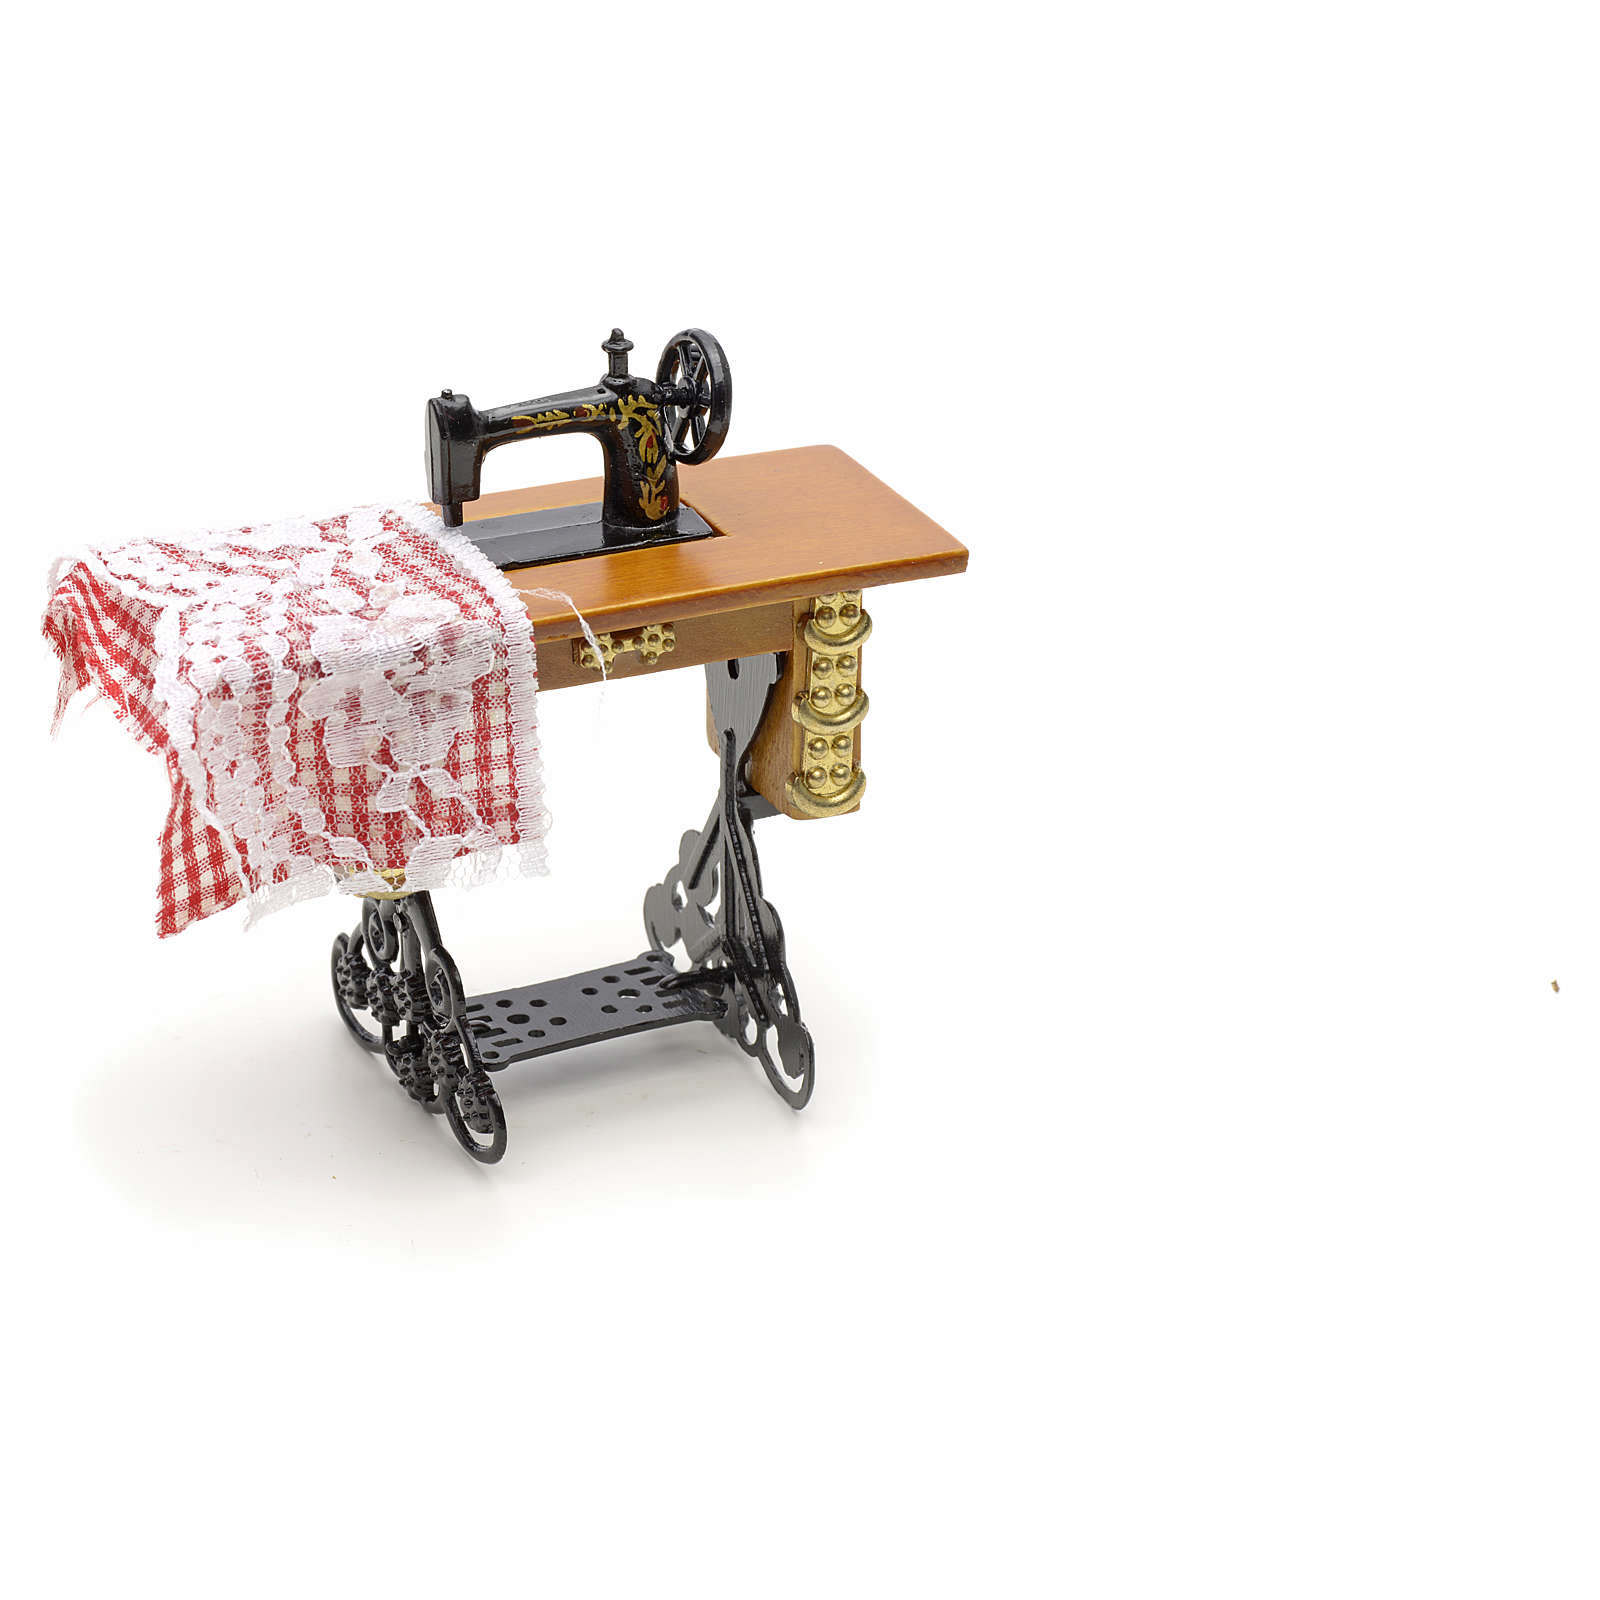 Nähmaschine für die Krippeneigenbau 4